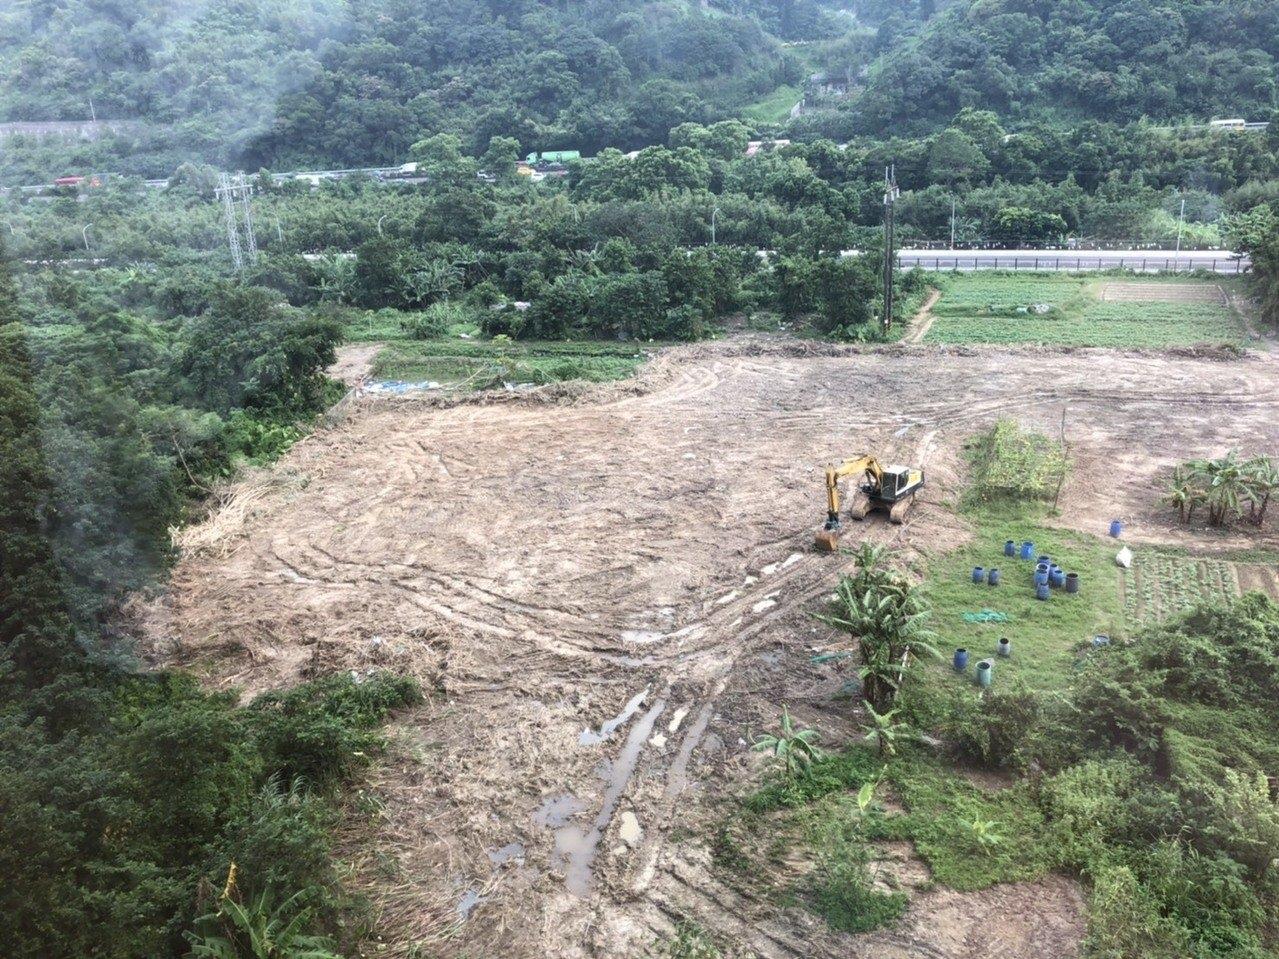 新北市工務局昨查獲福田路旁一處3328坪農地被業者違法開挖興建停車場,今再度前往現場會勘。圖/新北市工務局提供